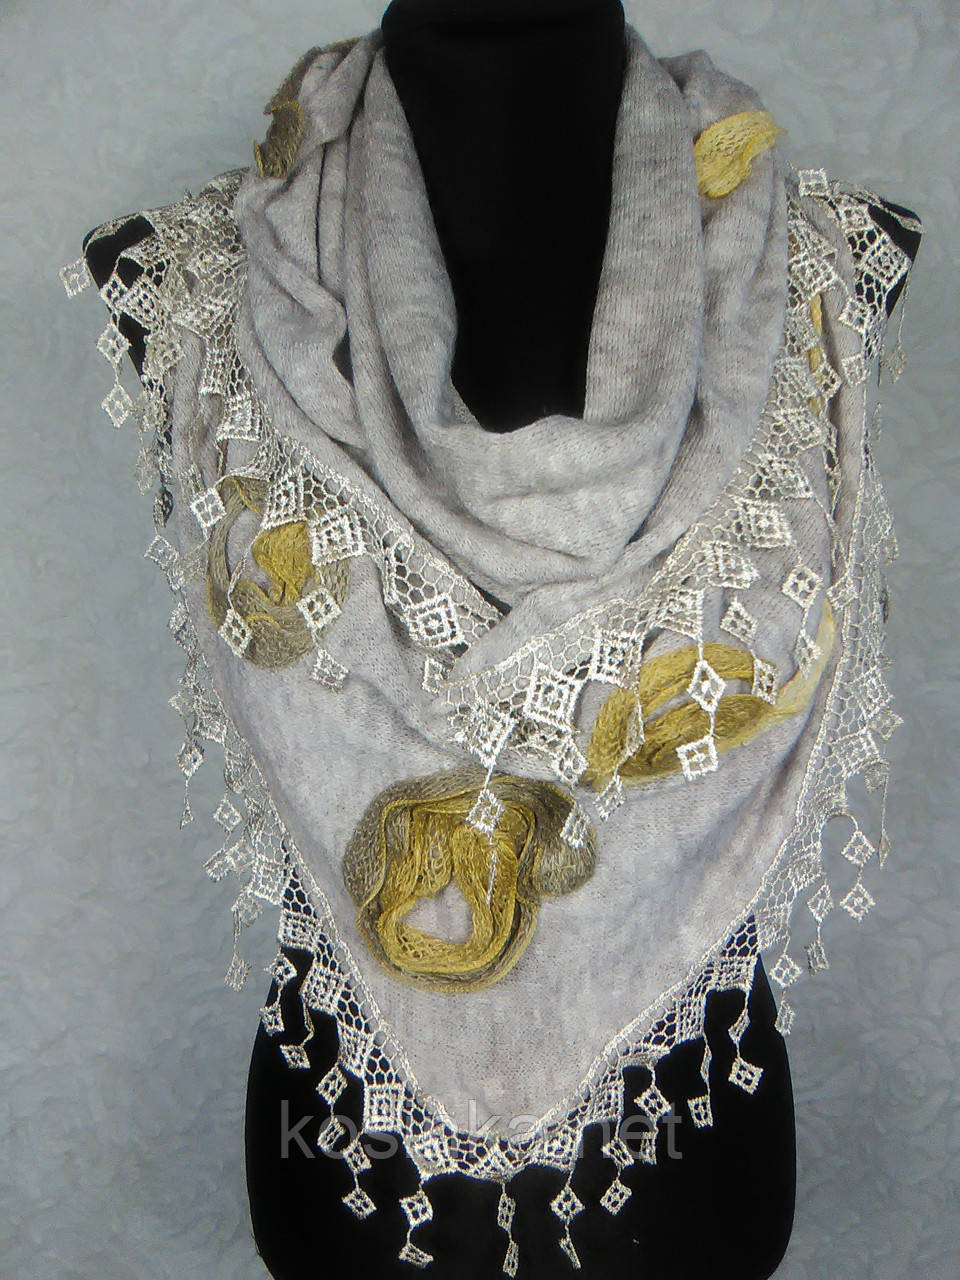 Стильная женская теплая косынка «Ракушка» белого цвета с цветами из ткани и бахромой - Kosinka.net